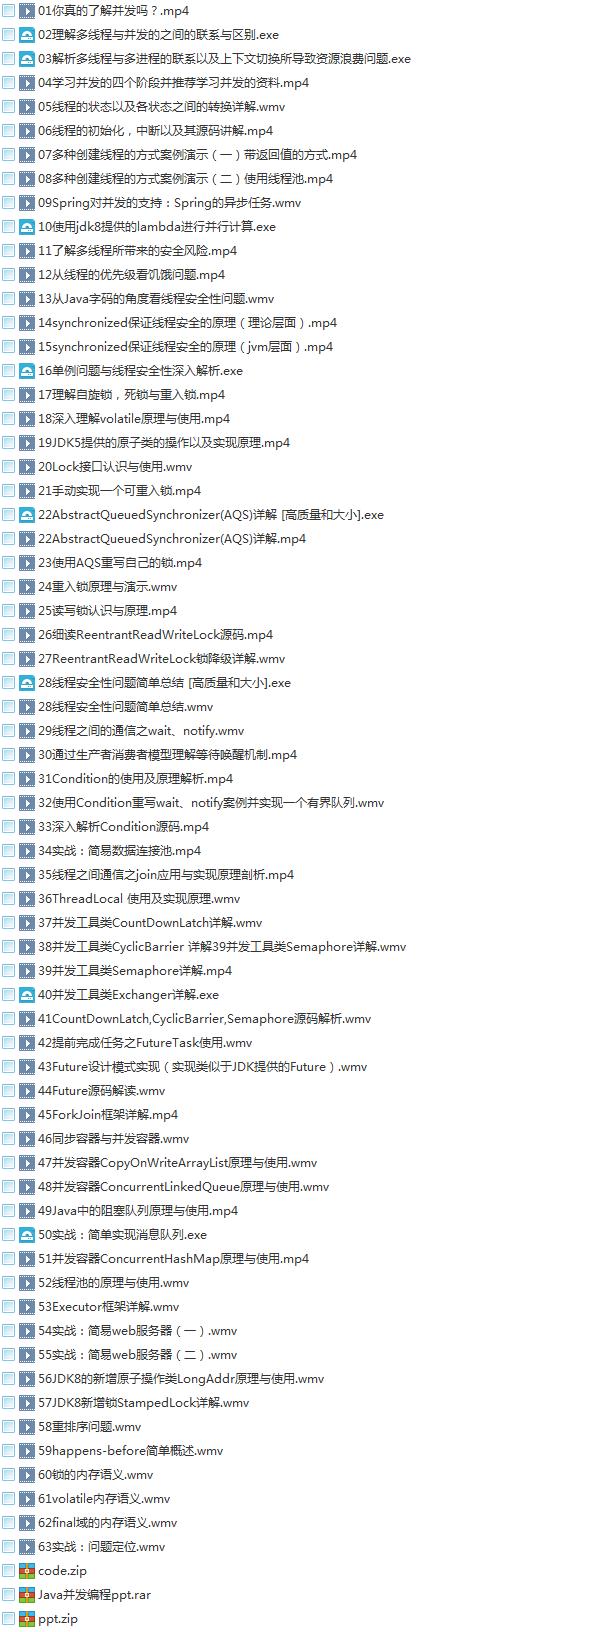 58套java架构师大型分布式企业级项目实战java开发进阶教程学习培训下载插图(63)